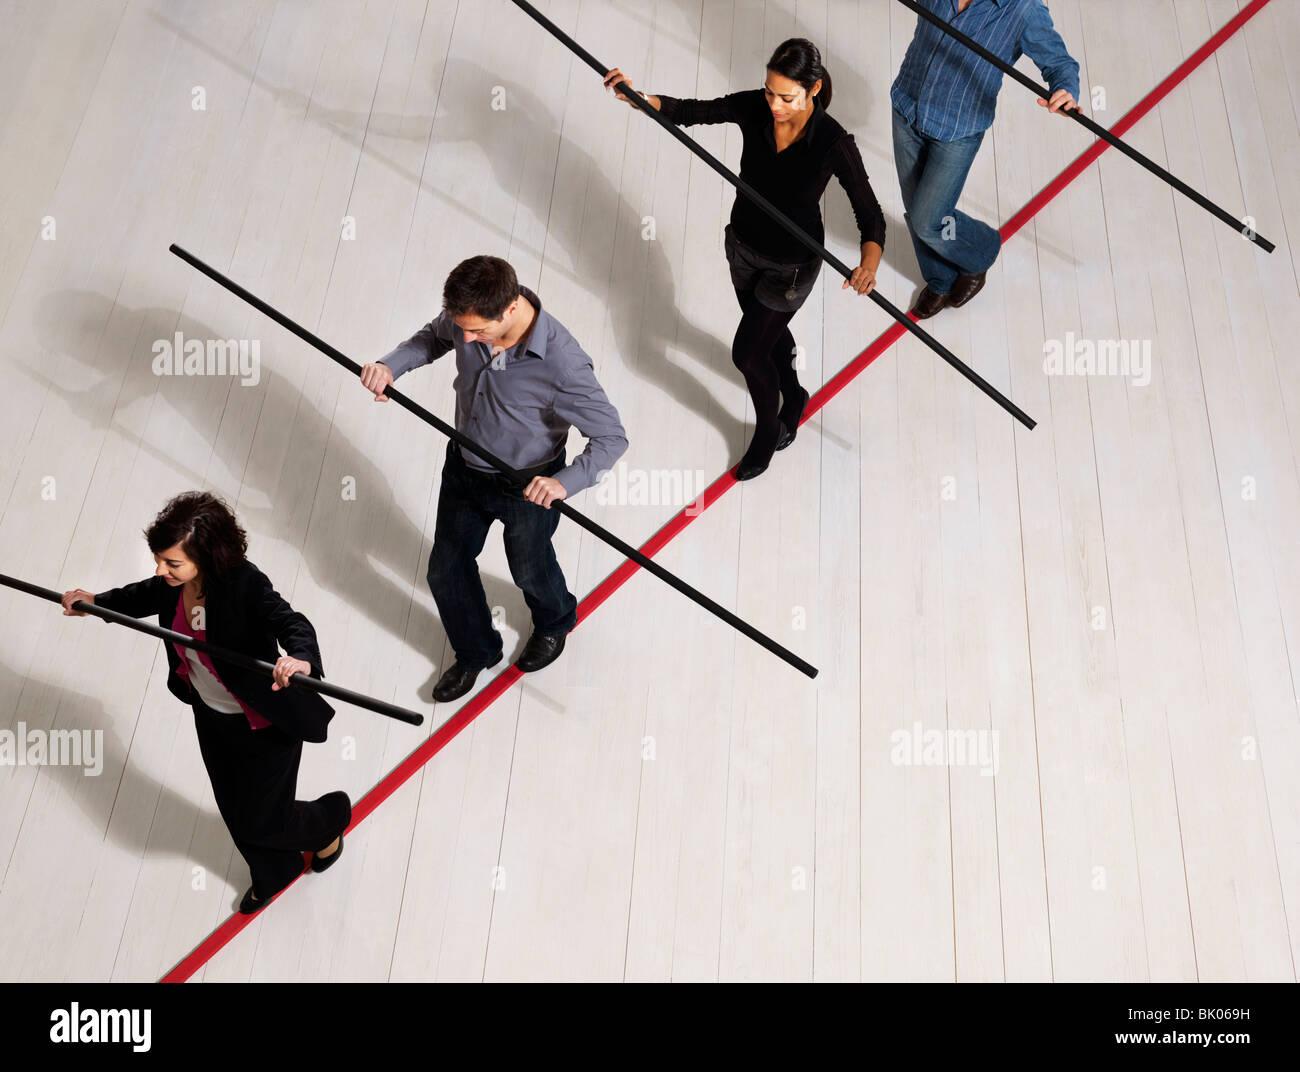 Persone bilanciamento sulla sottile linea rossa Immagini Stock